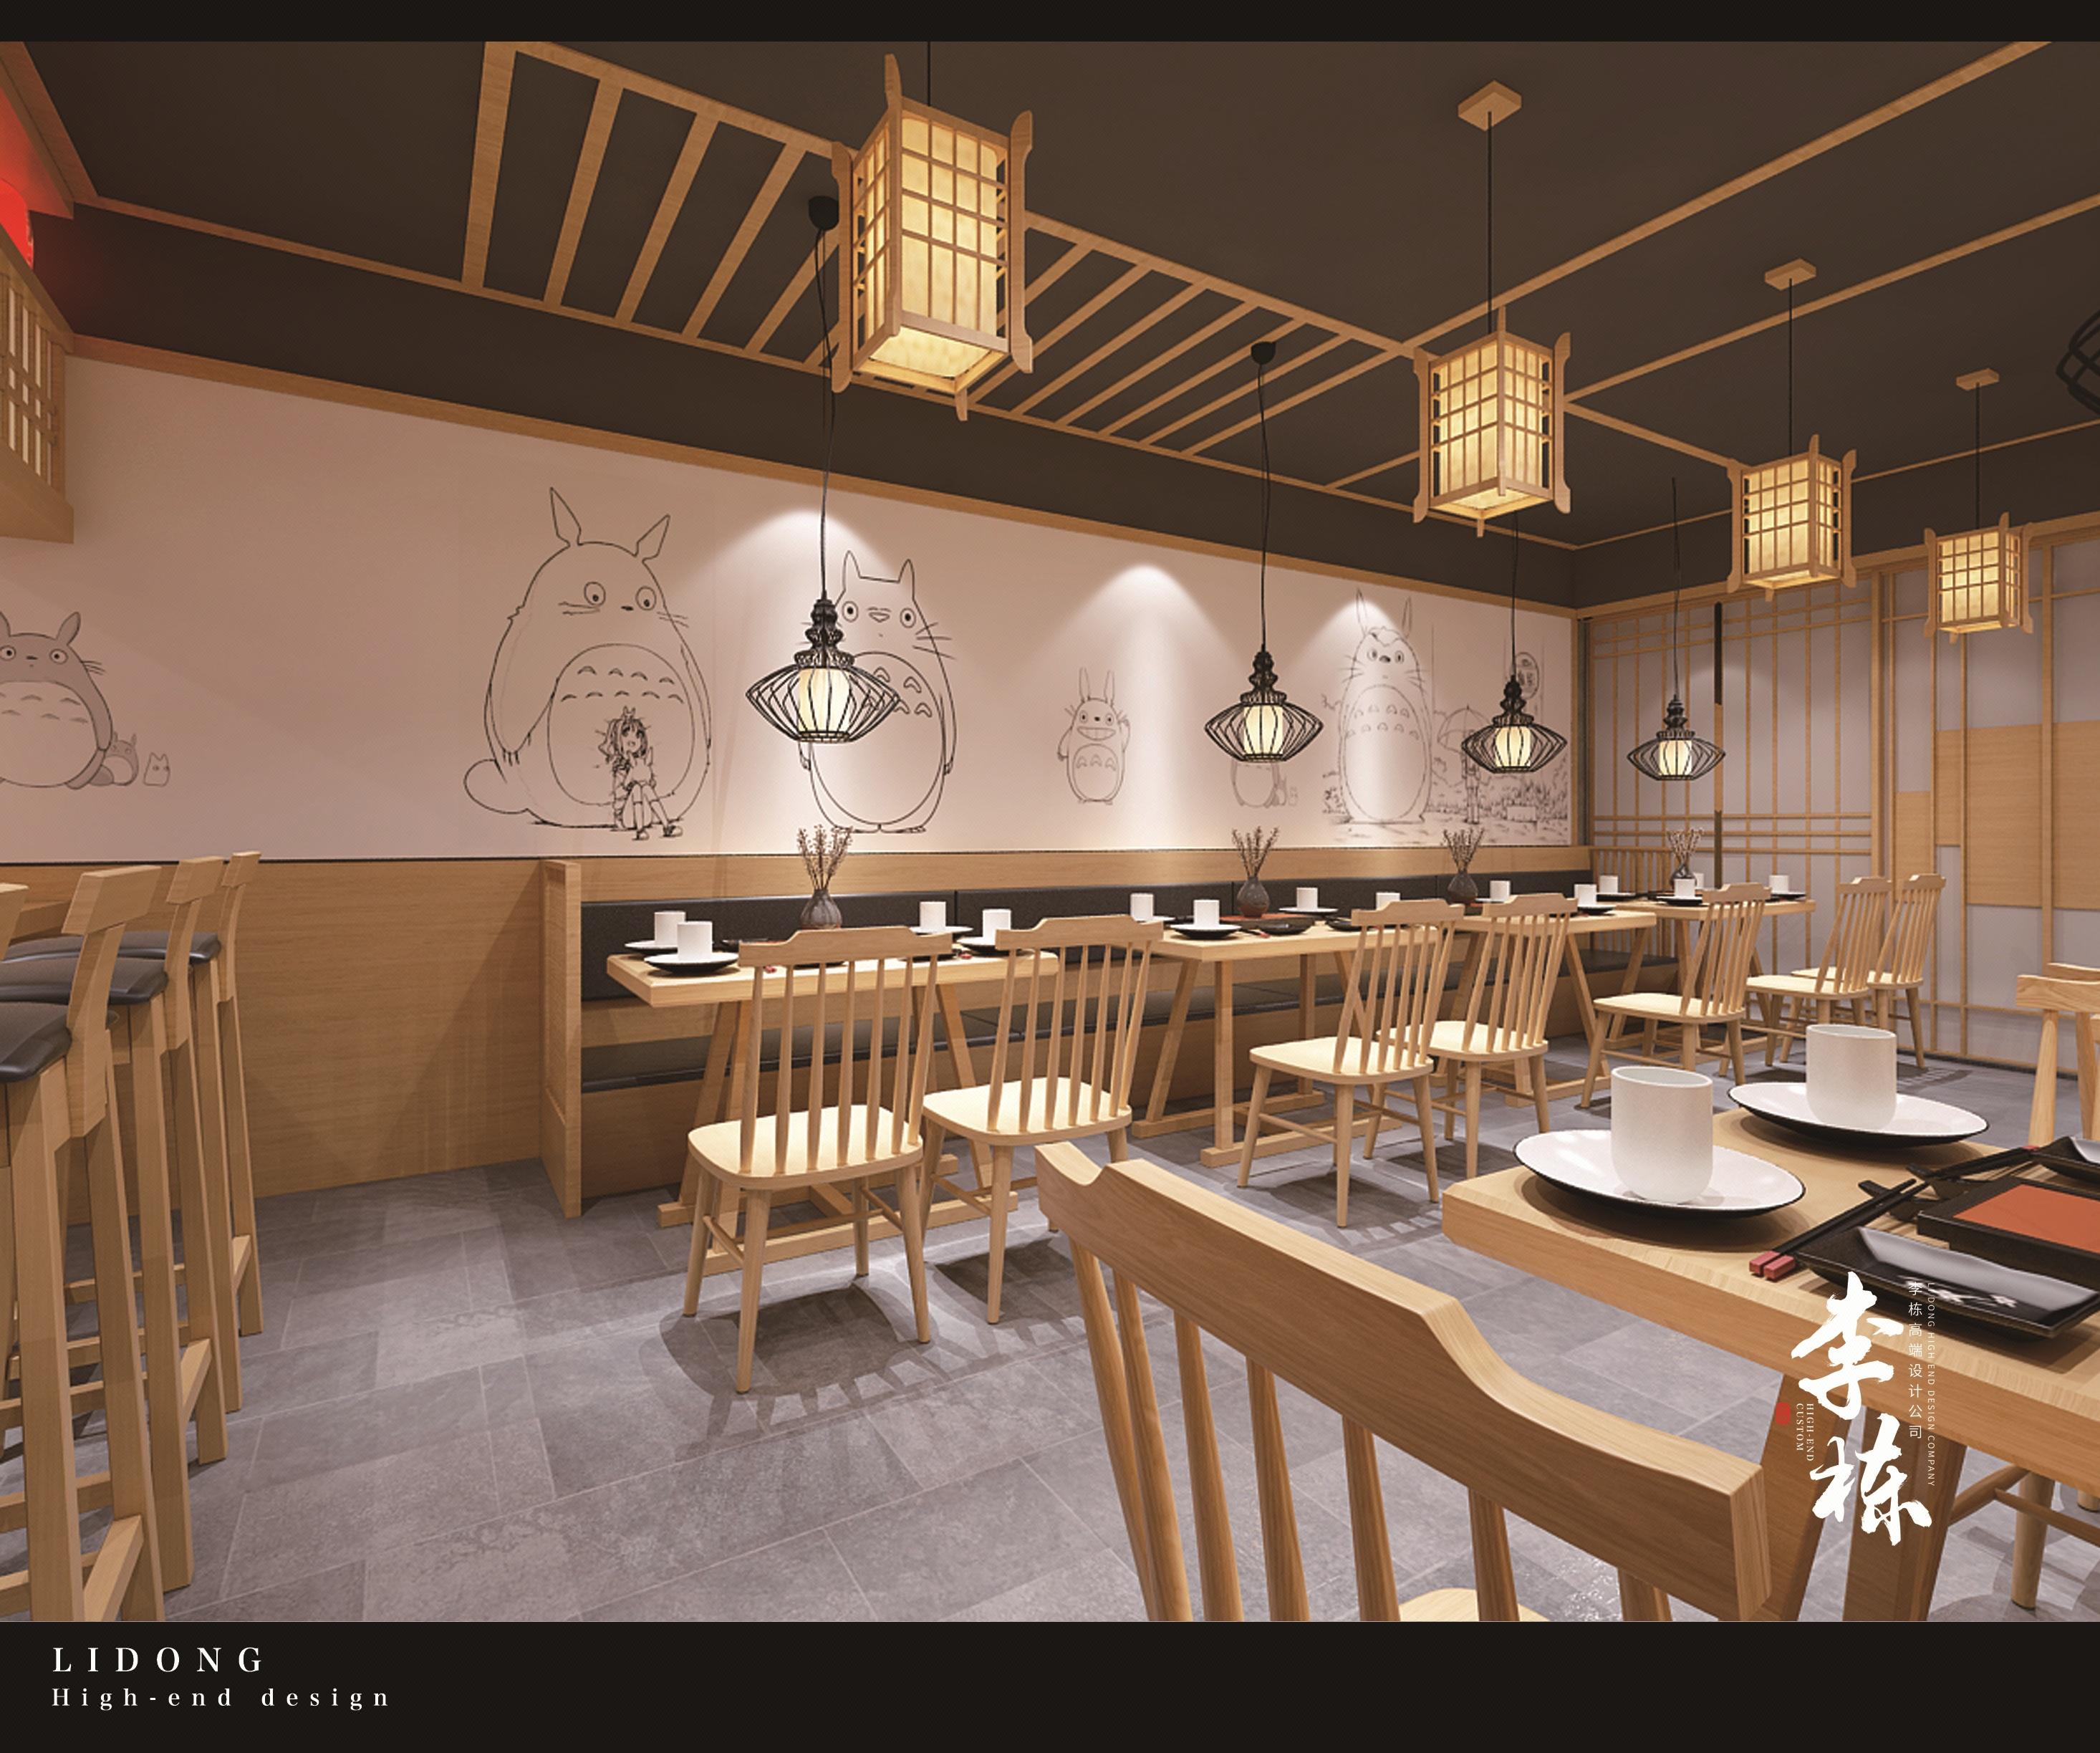 餐饮设计,日式料理店设计,餐厅装修,店铺效果图设计